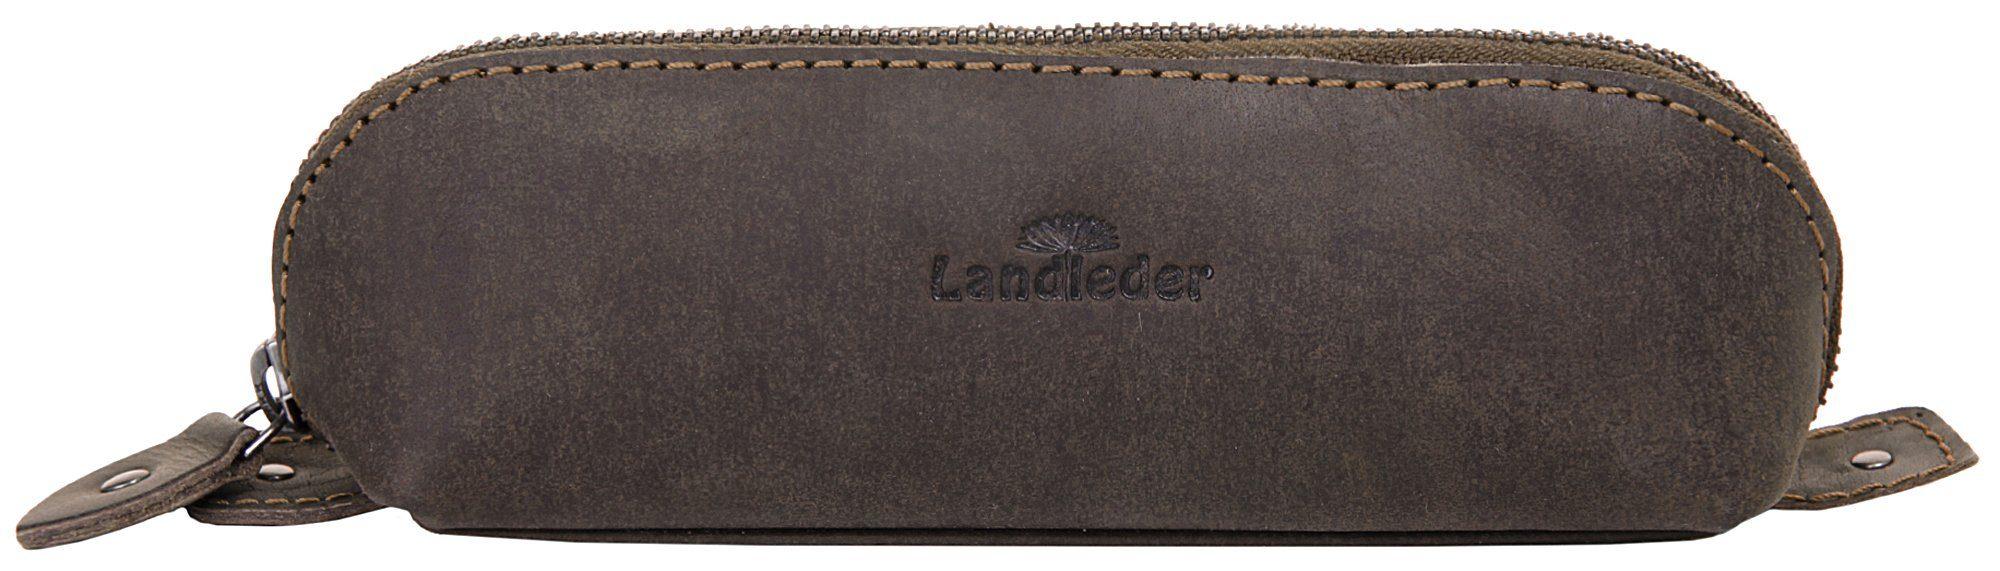 Landleder Brustbeutel CHILLI | Accessoires > Portemonnaies > Brustbeutel | Braun | Leder | Landleder